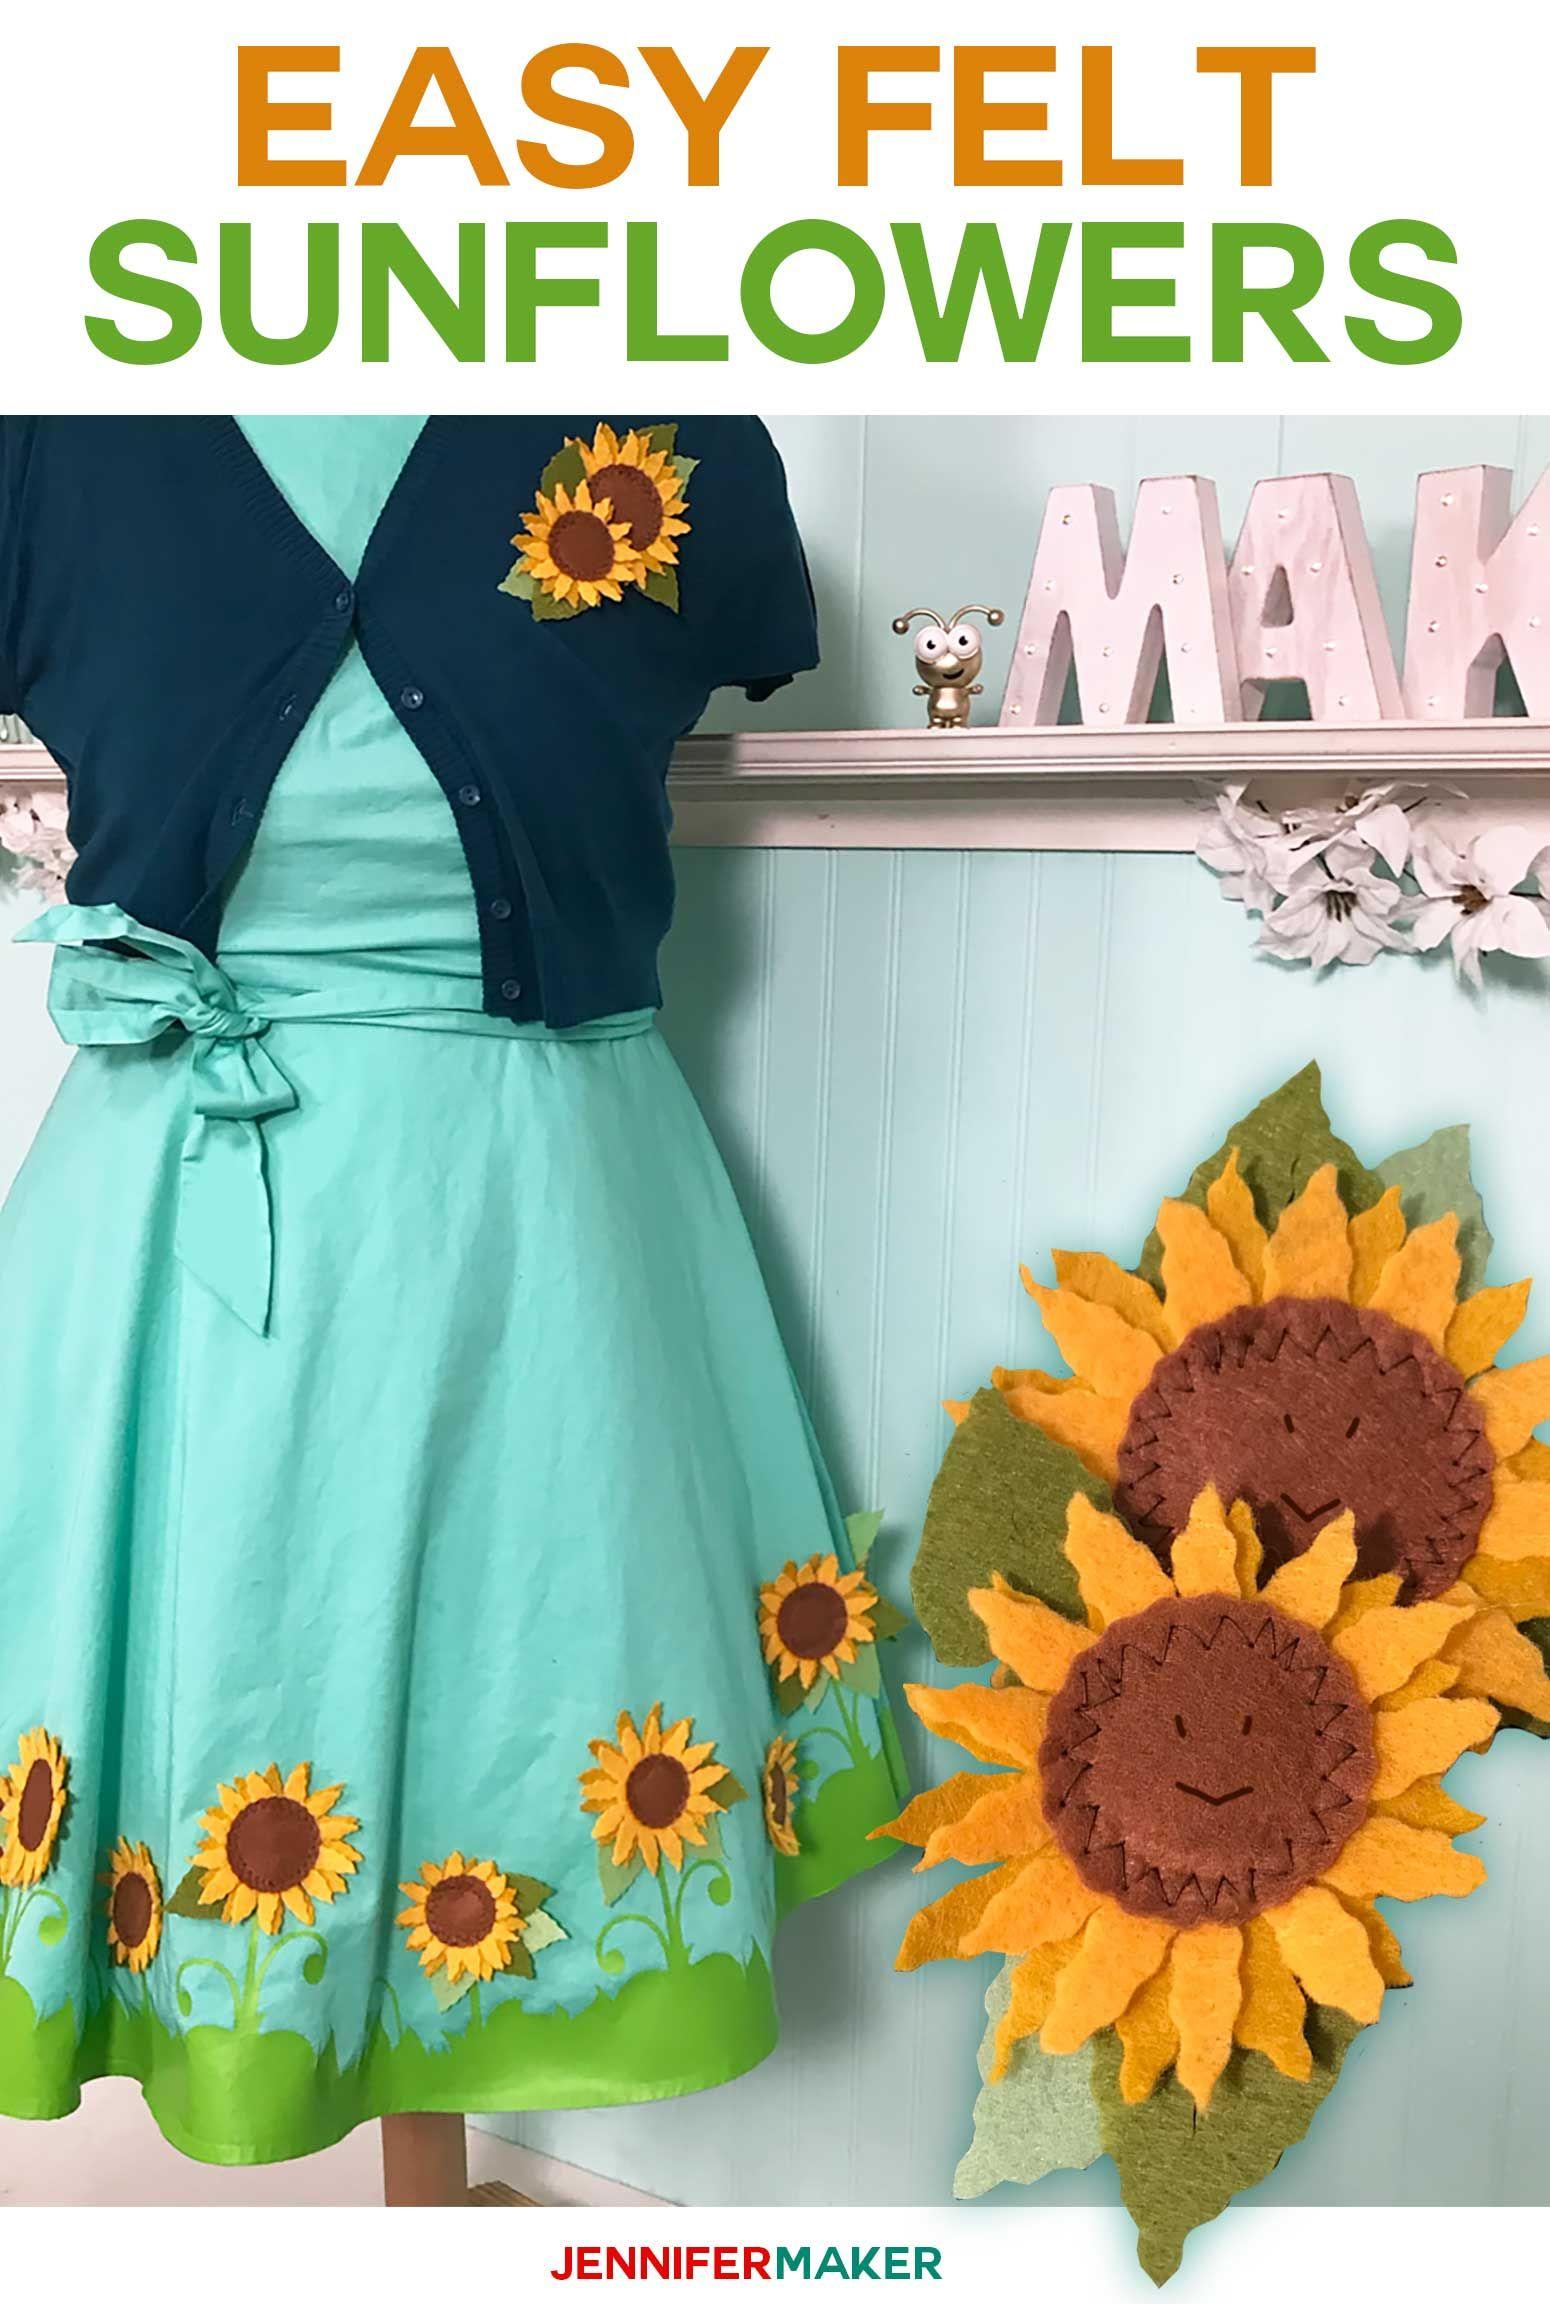 Easy Felt Sunflowers (and My Cricut Dress Cricut